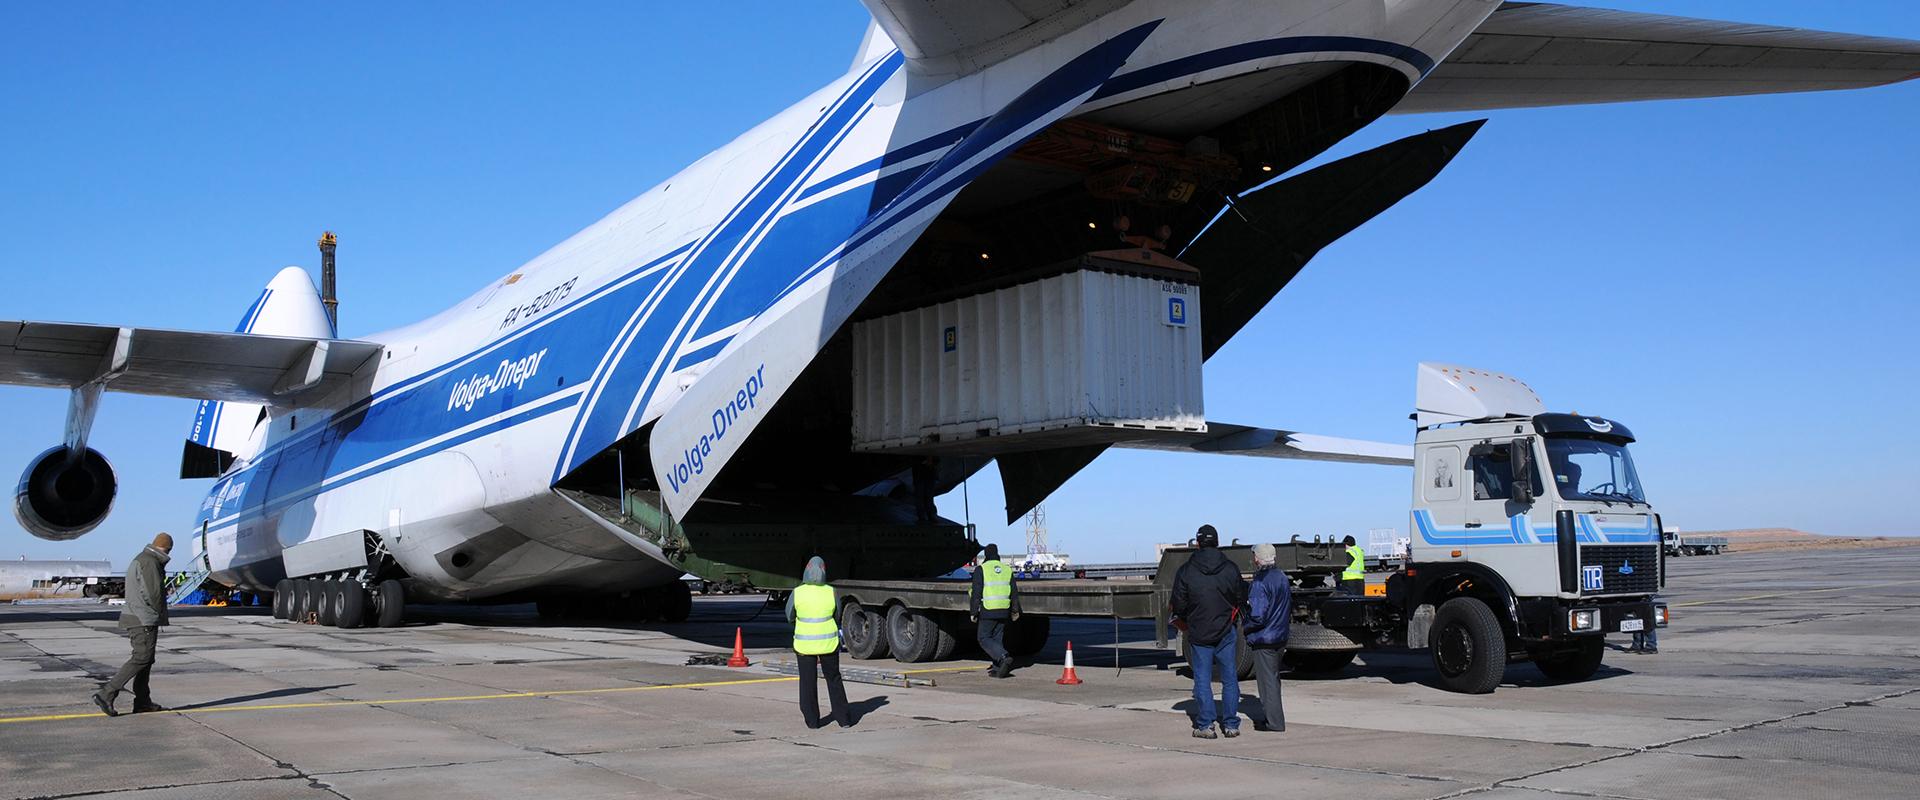 vận chuyển hàng không đi các nước Châu Á uy tín, nhanh chóng